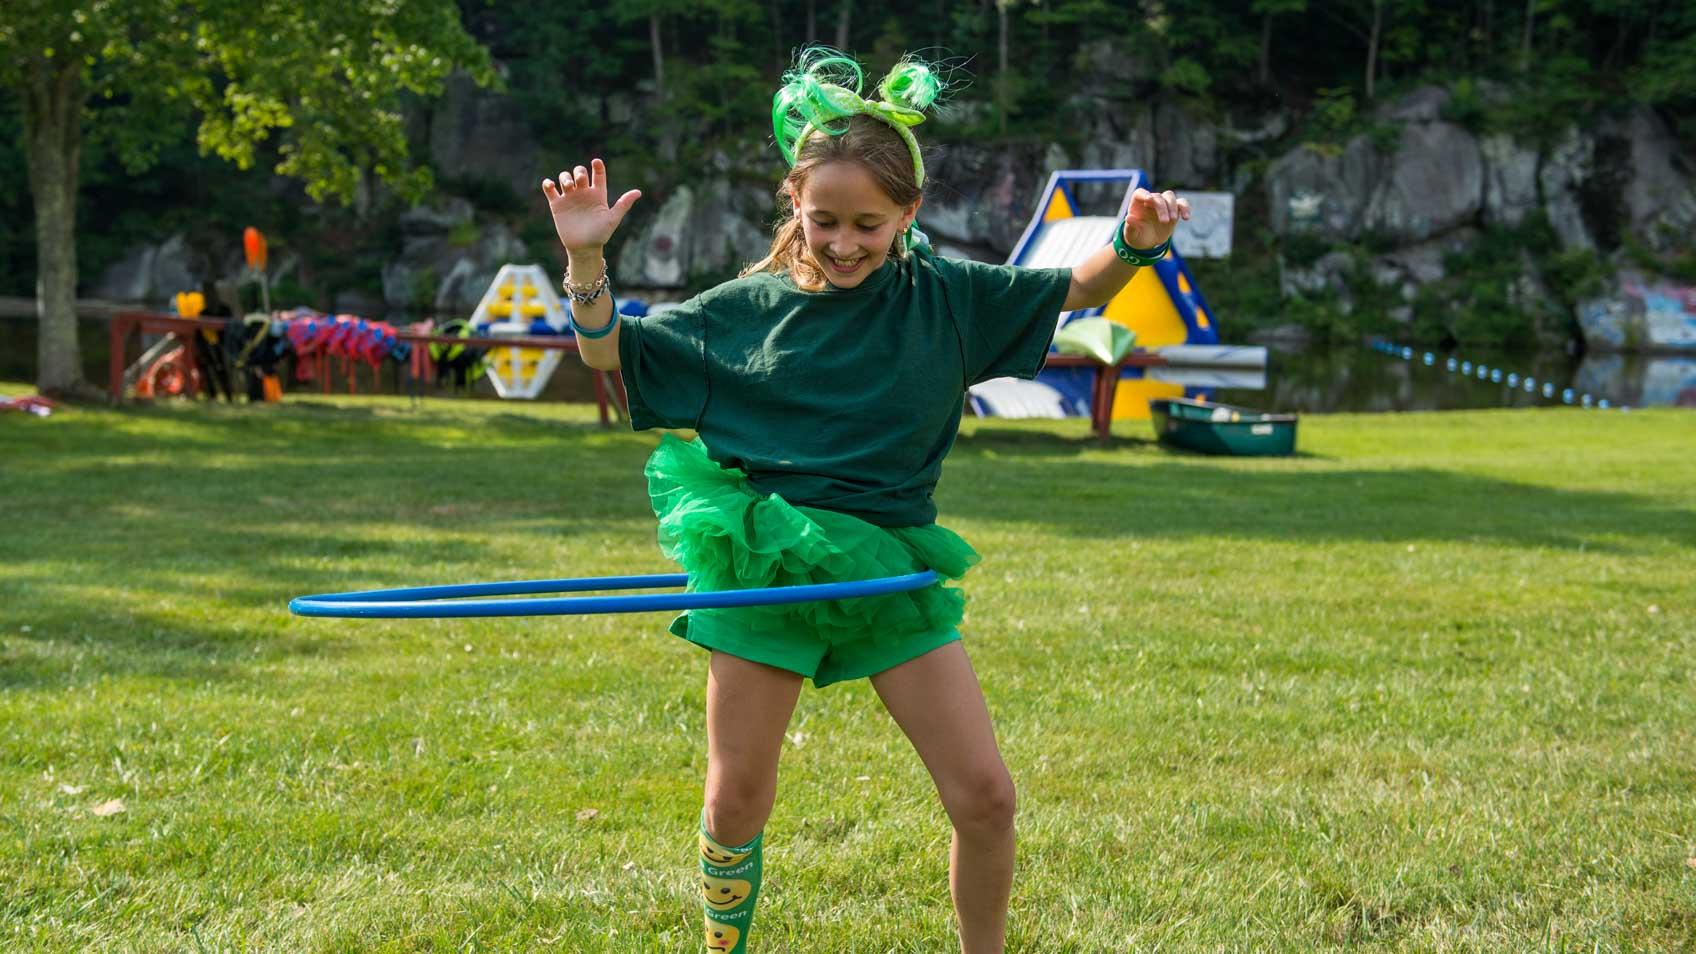 hula-hoop